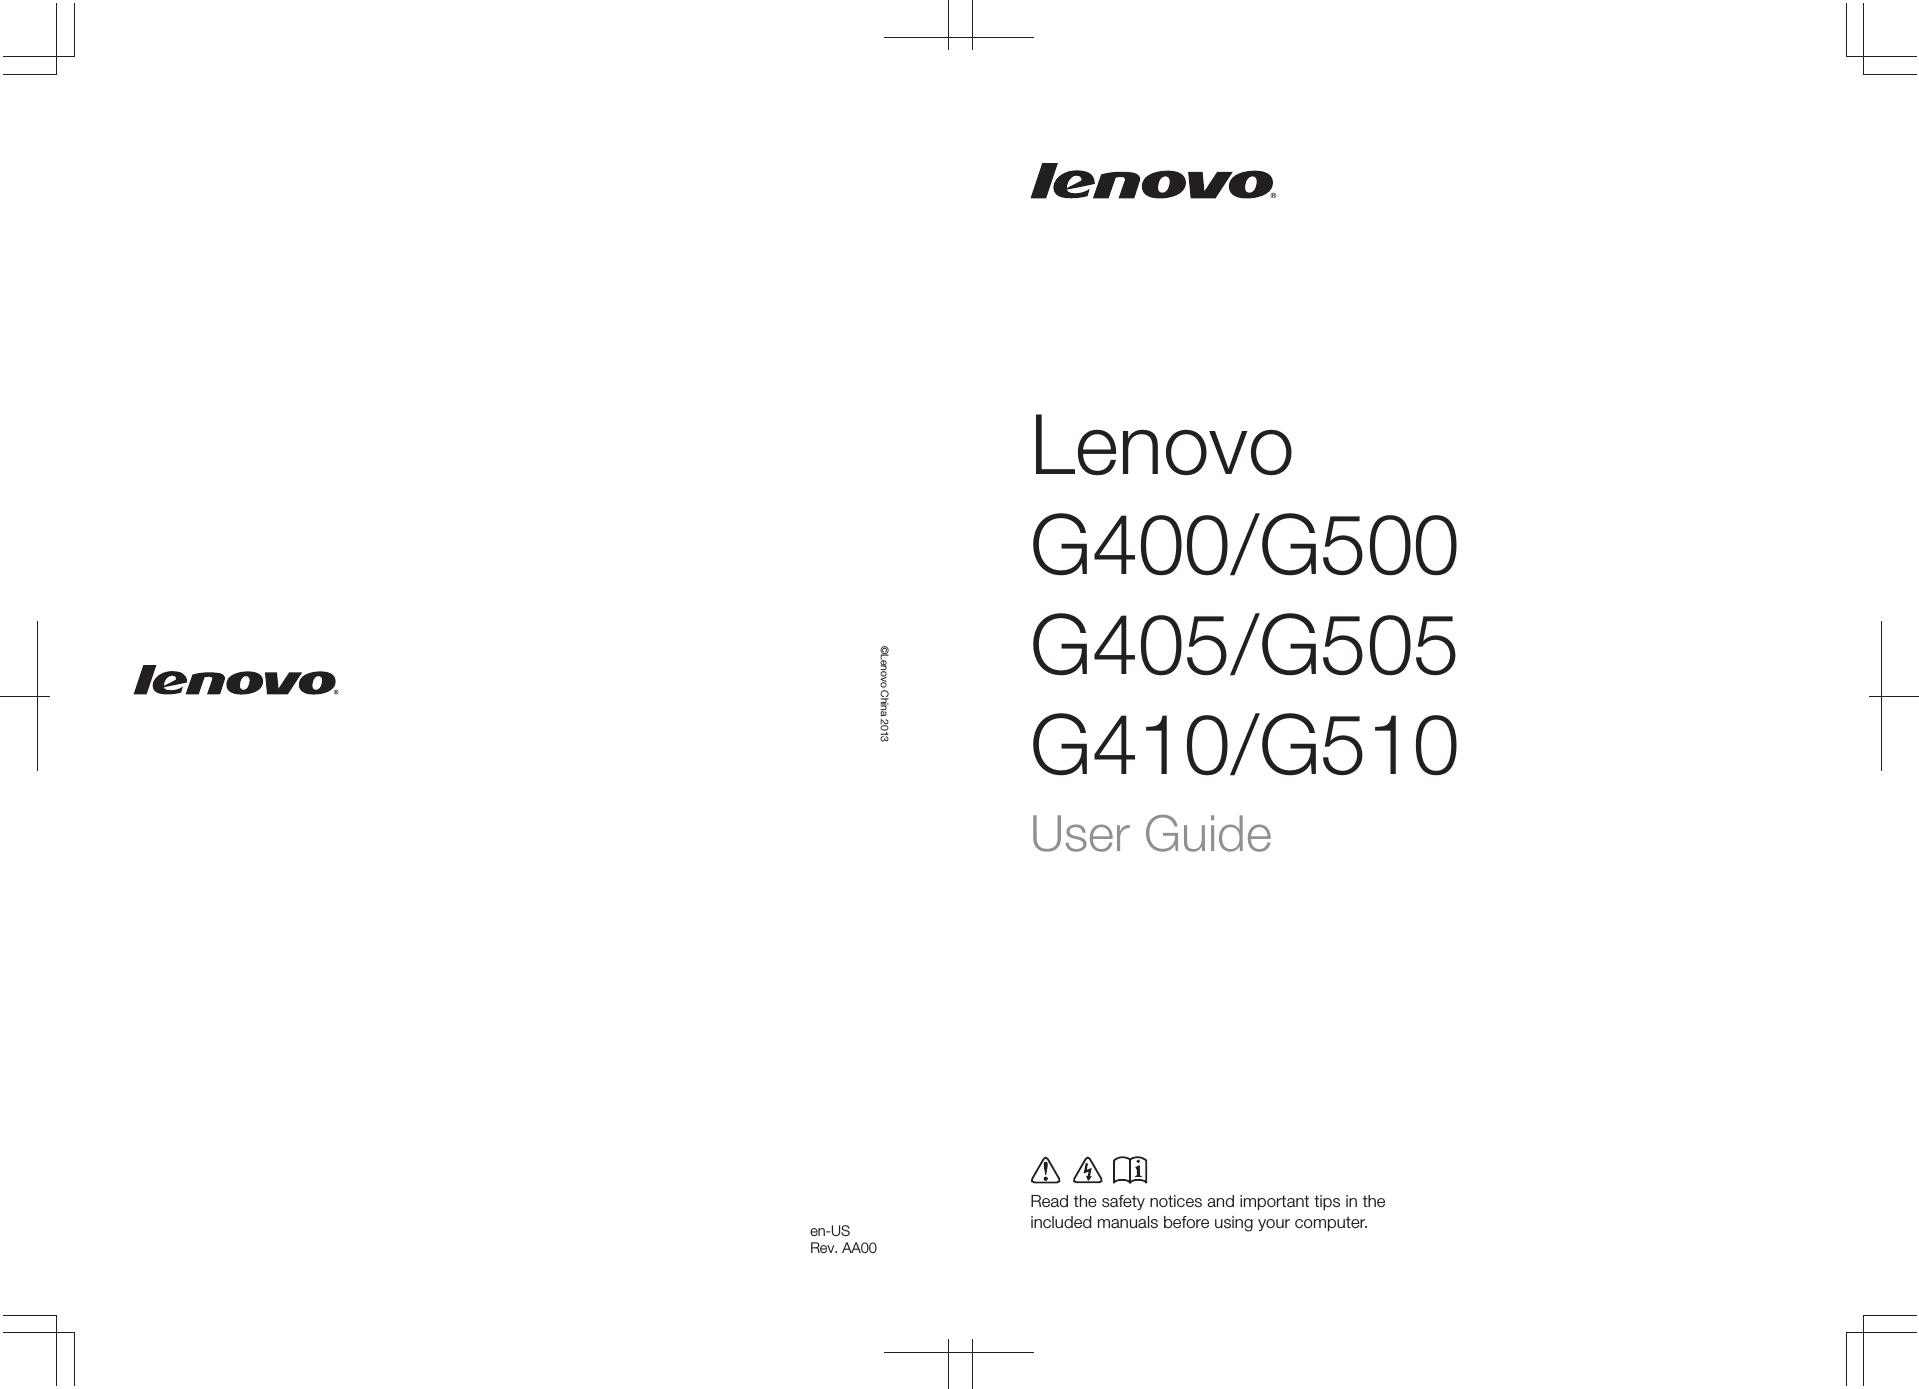 Lenovo G400G500G405G505G410G510 Ug English User Manual Guide G400